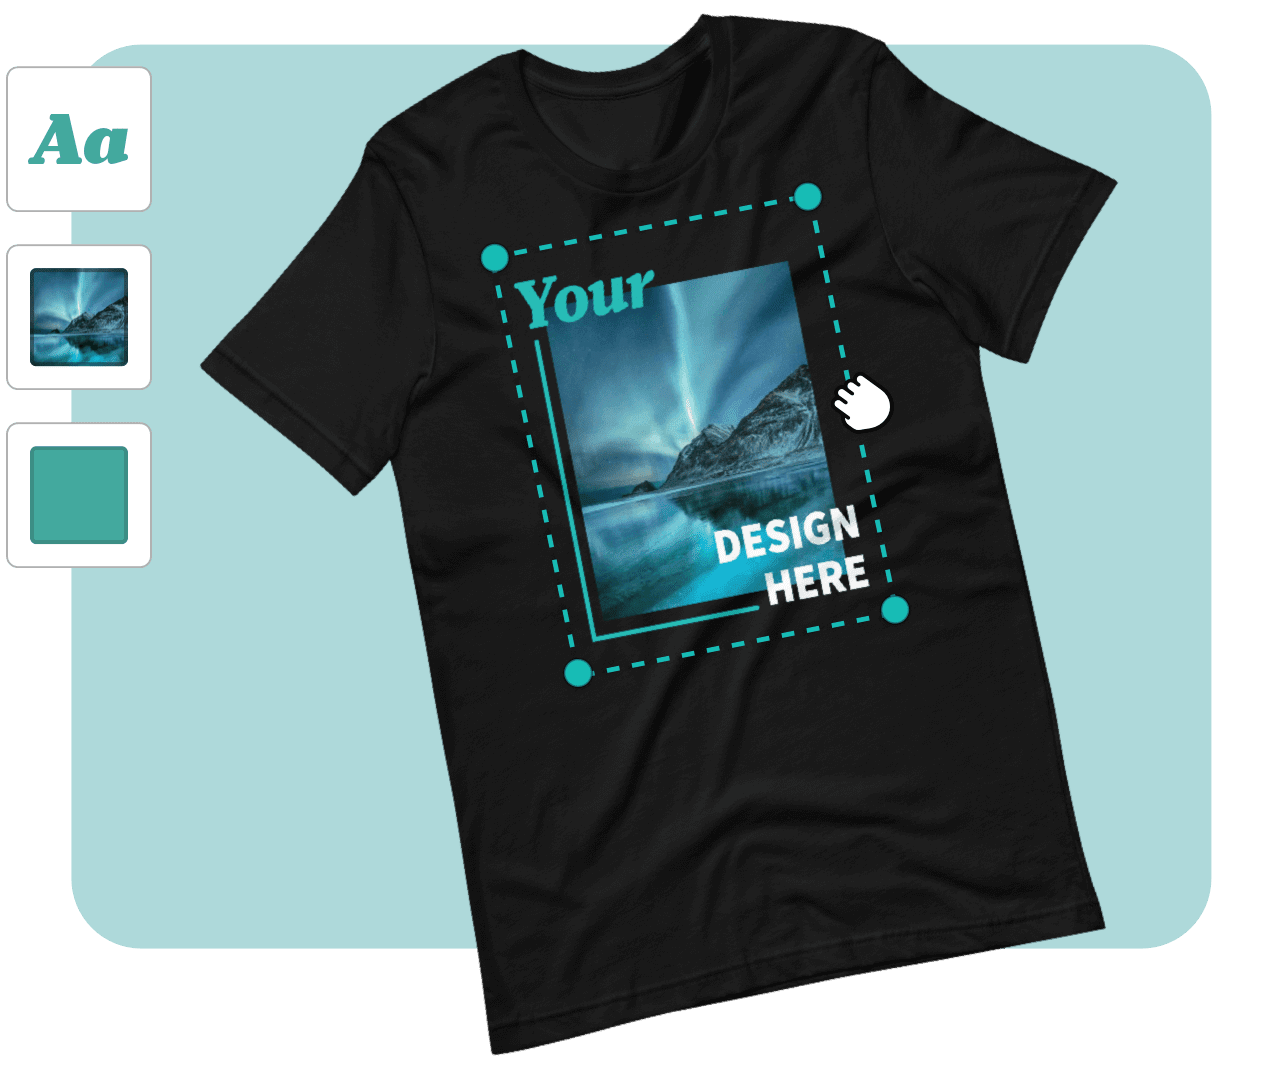 ejemplo de camiseta personalizada